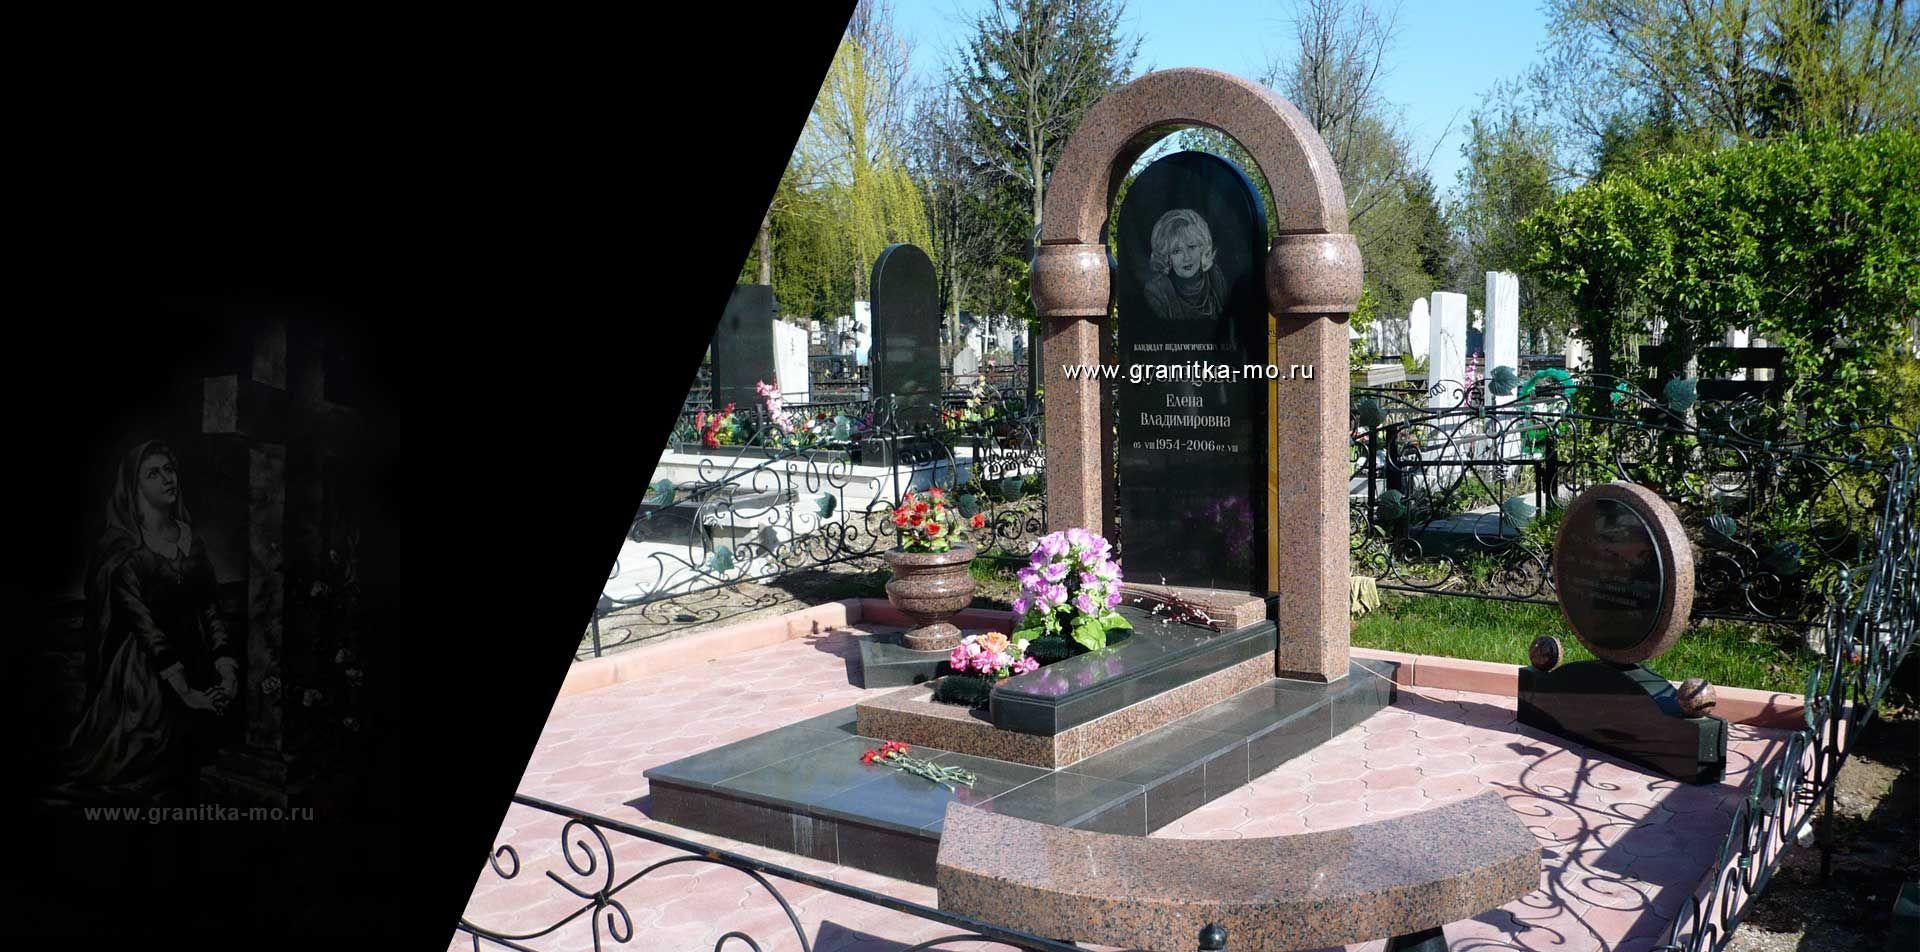 Надгробные памятники из мрамора фото города памятники реальным людям в спб